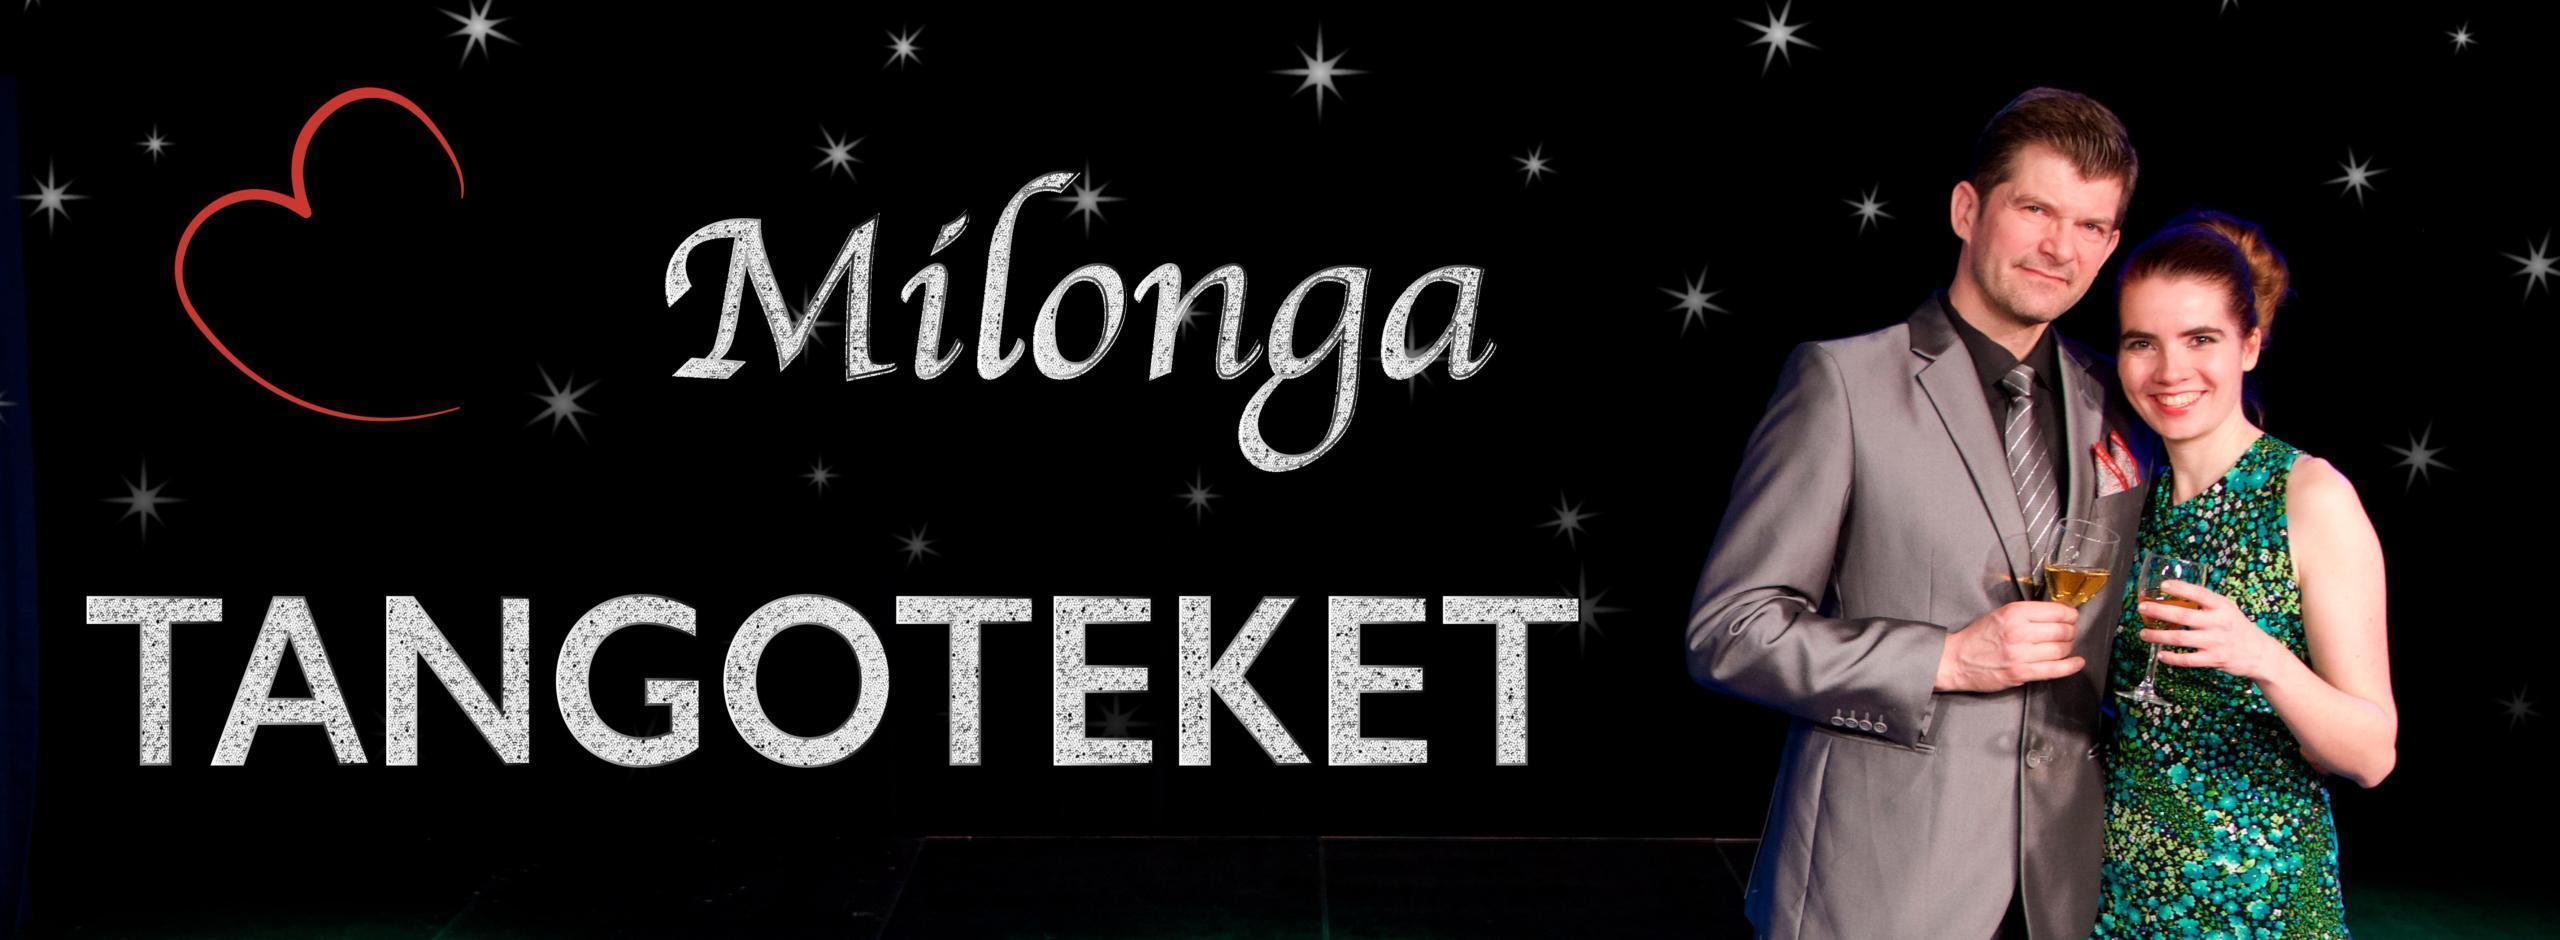 Milonga Tangoteket